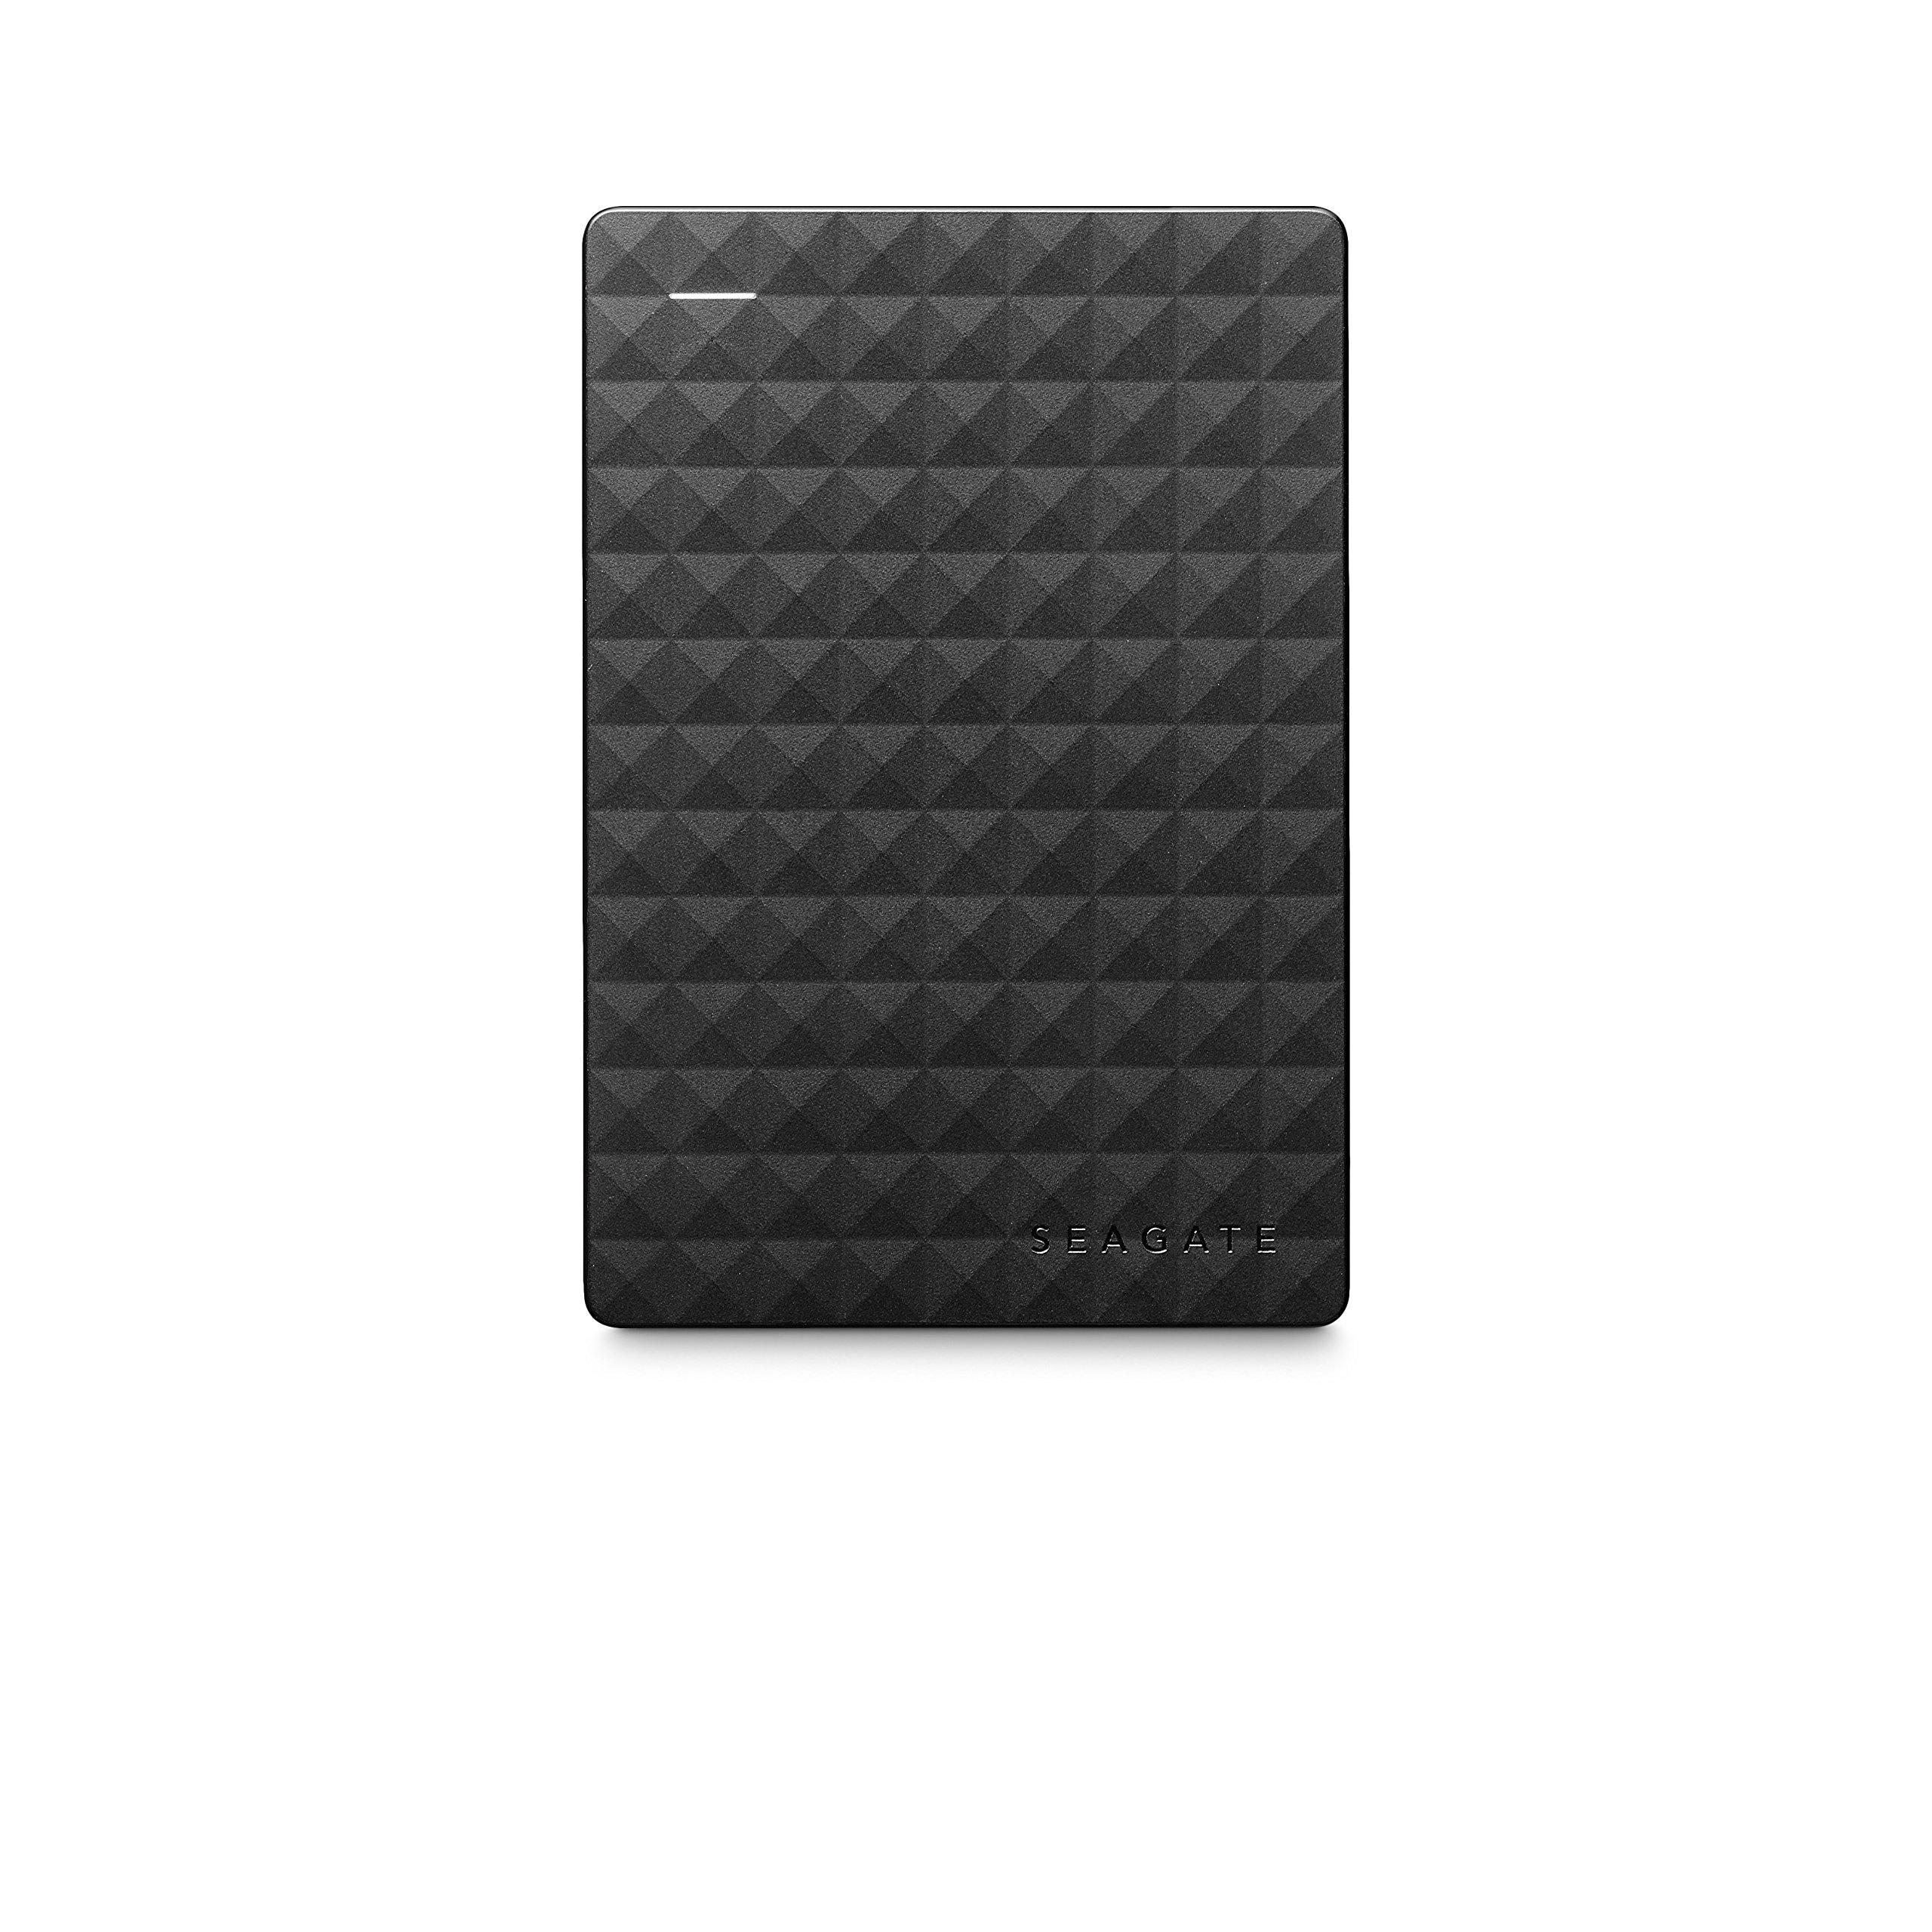 Seagate STEA1500400 1.5 TB External Hard Drive by Seagate